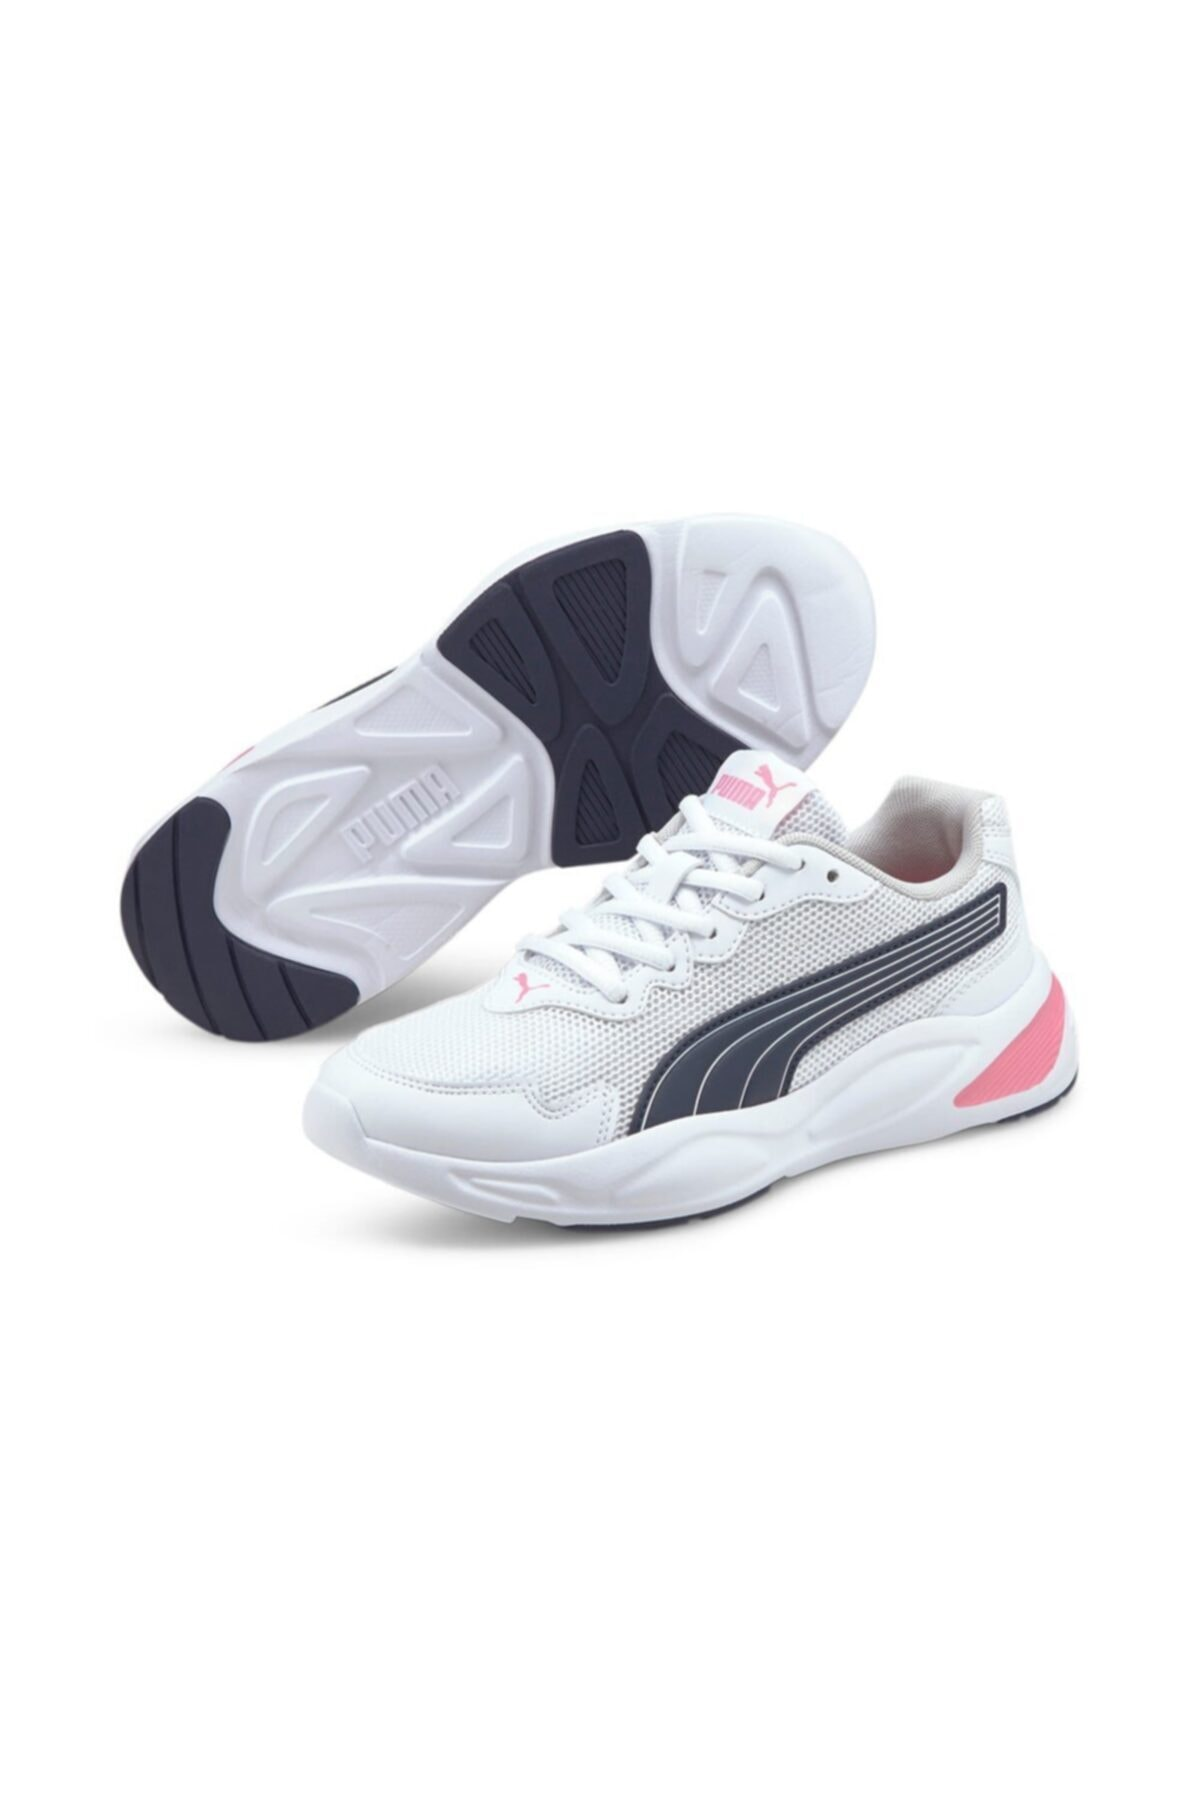 Puma 90S RUNNER NU WAVE JR Beyaz Erkek Çocuk Koşu Ayakkabısı 101085502 1